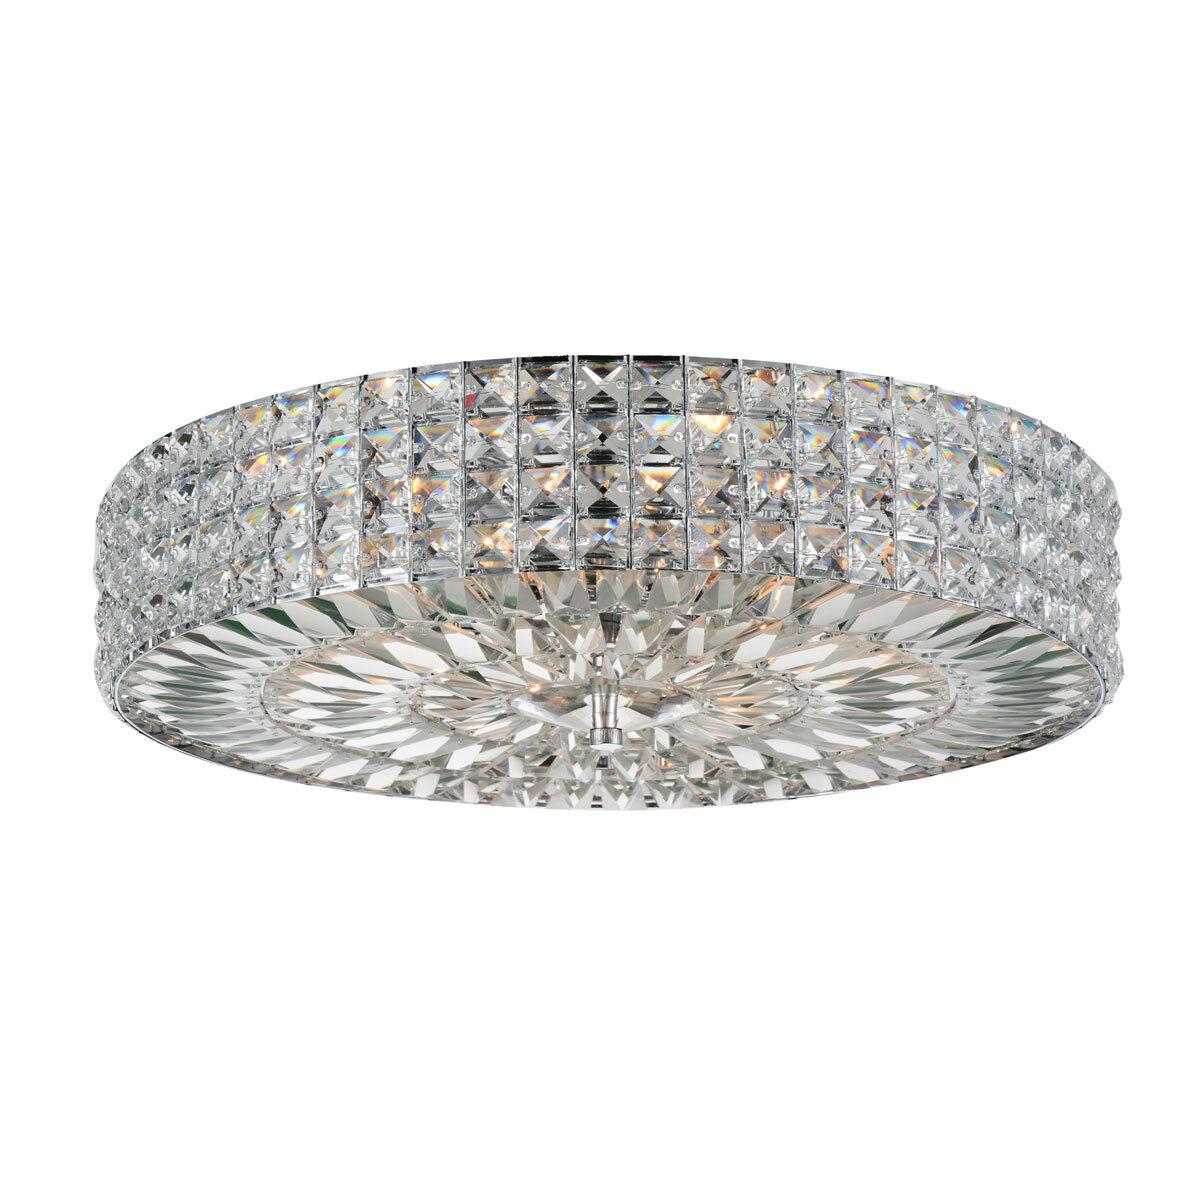 Потолочный светильник ST Luce Disco SL748.102.06, E14, 360 Вт